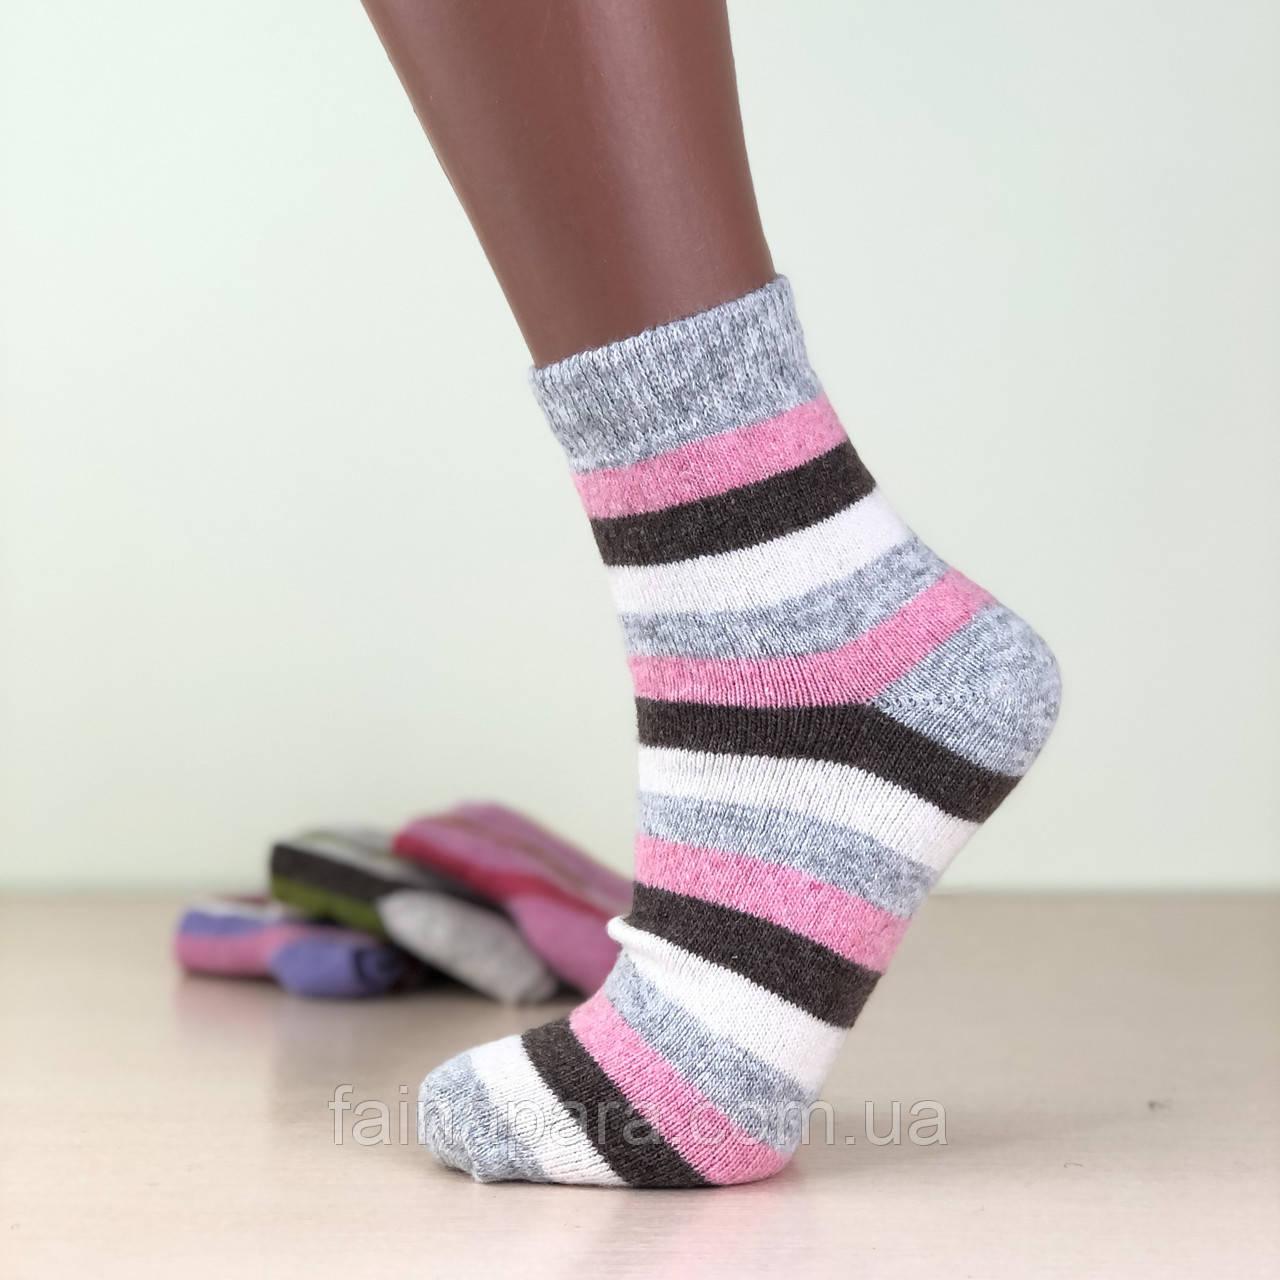 Жіночі шкарпетки з овечої вовни середньої довжини Kardesler Туреччина